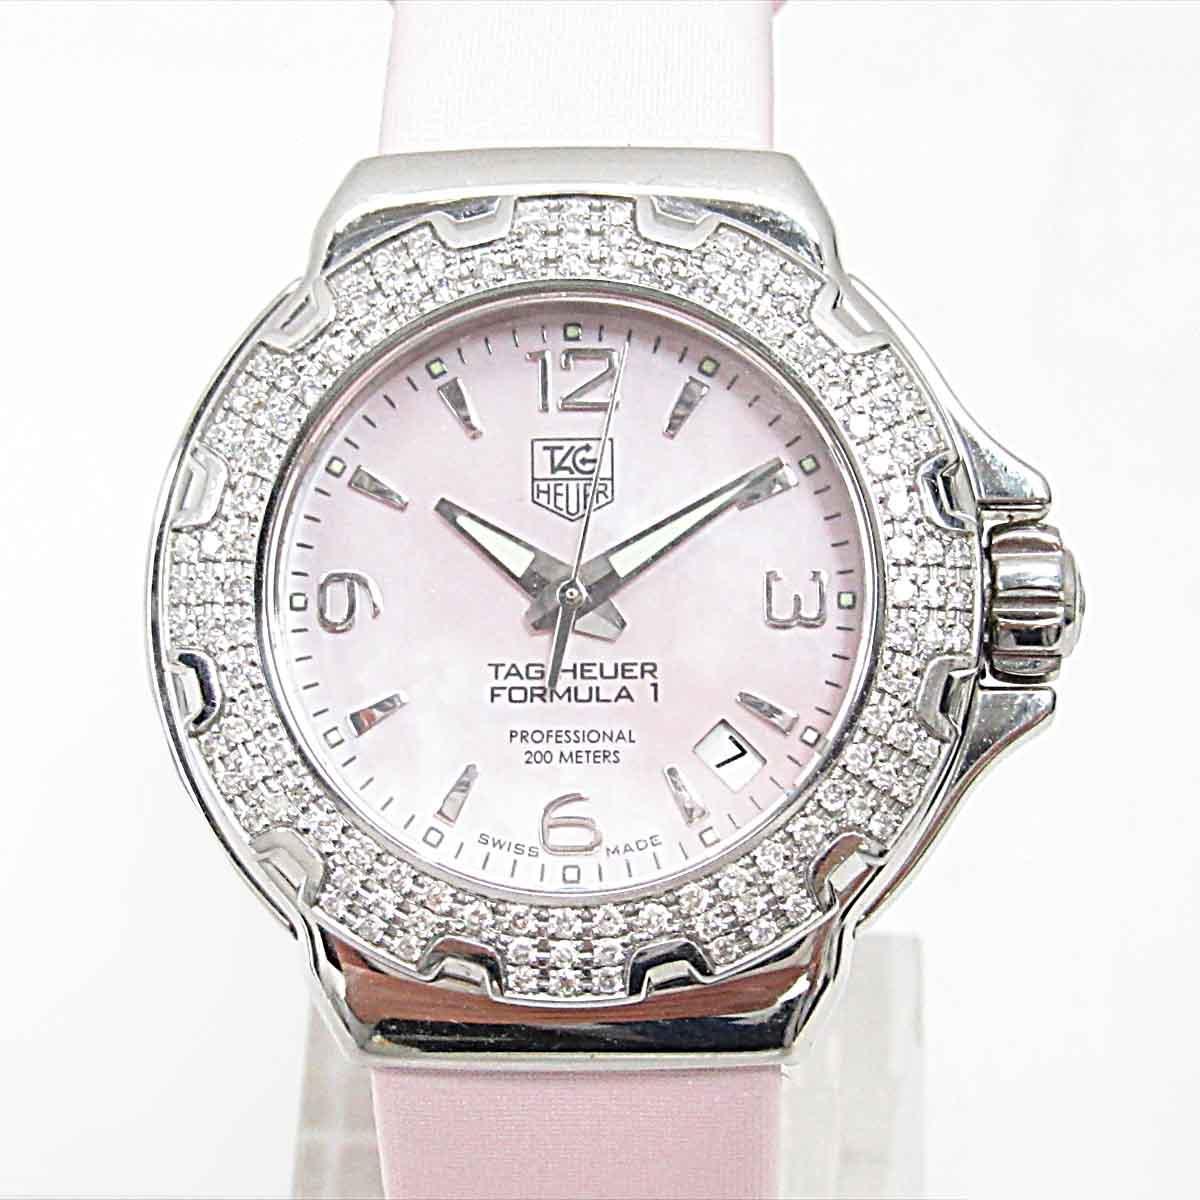 フォーミュラ1 グラマーダイヤモンド/腕時計/レディース/お洒落/SALE